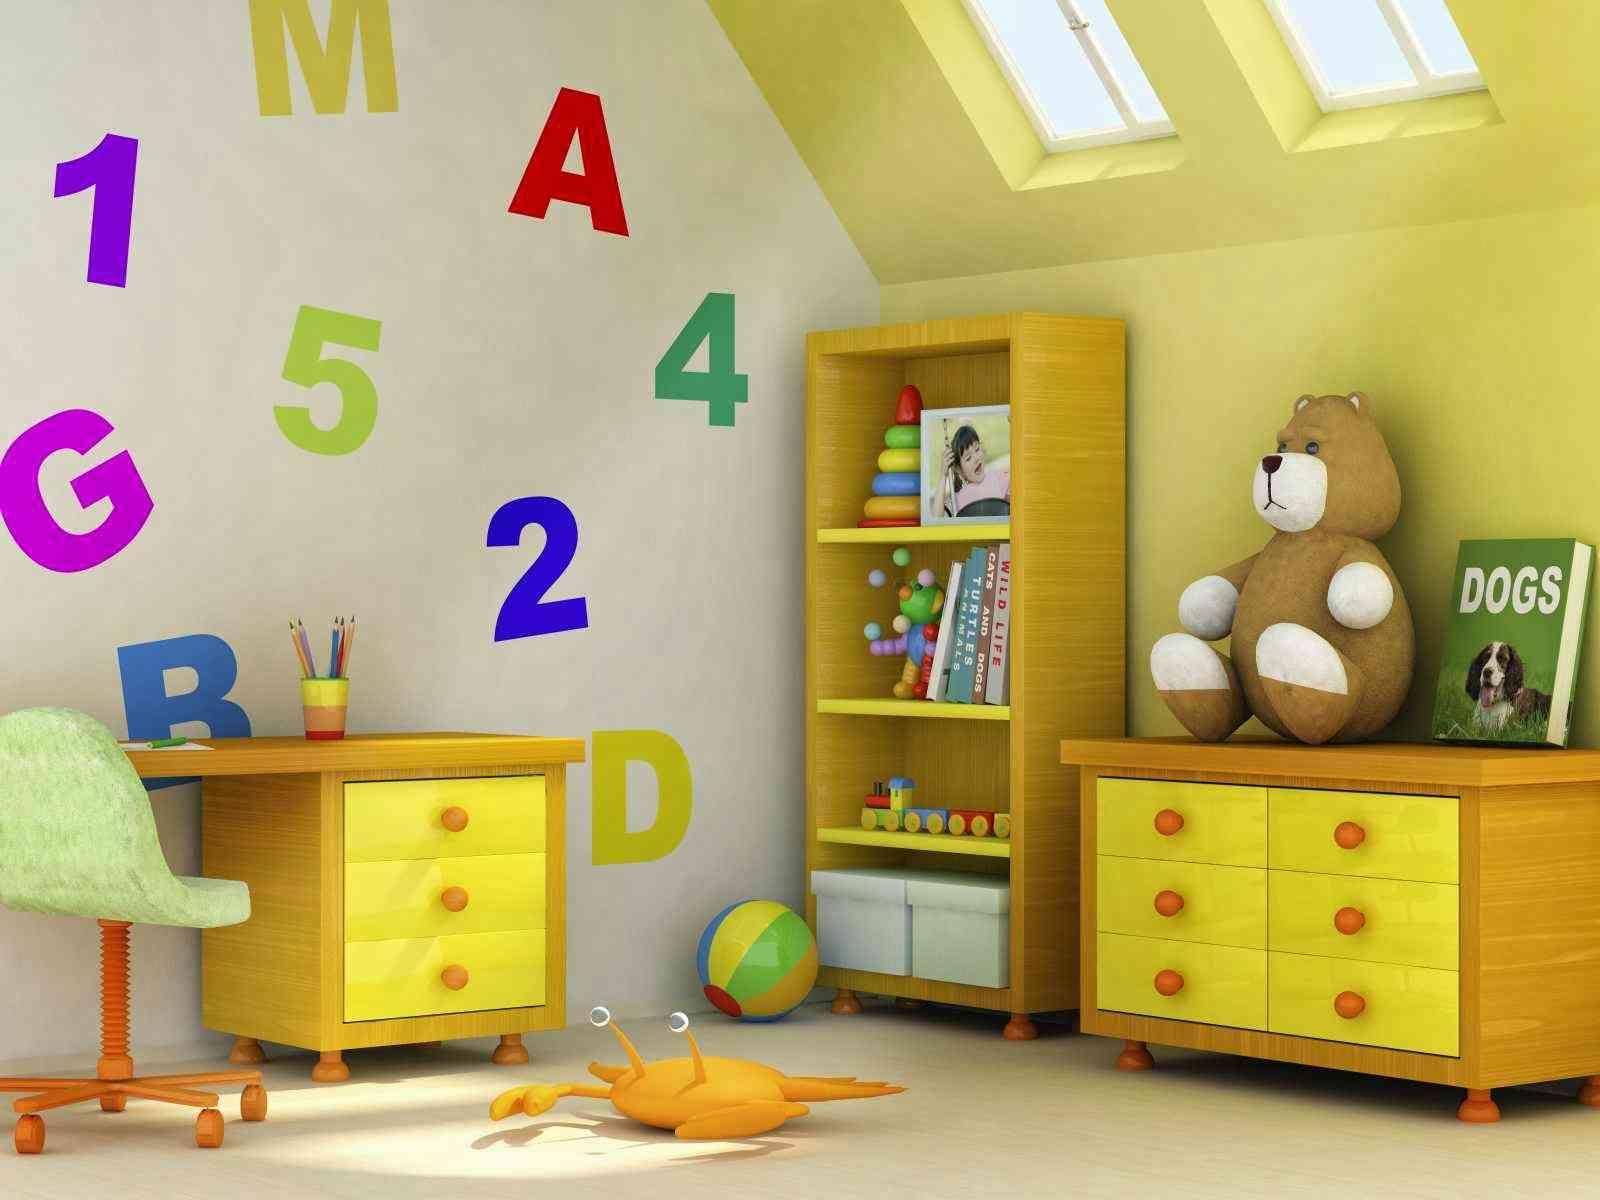 Decora una habitaci n infantil 6 seguros pasos for Ideas para decorar habitacion nino de 3 anos